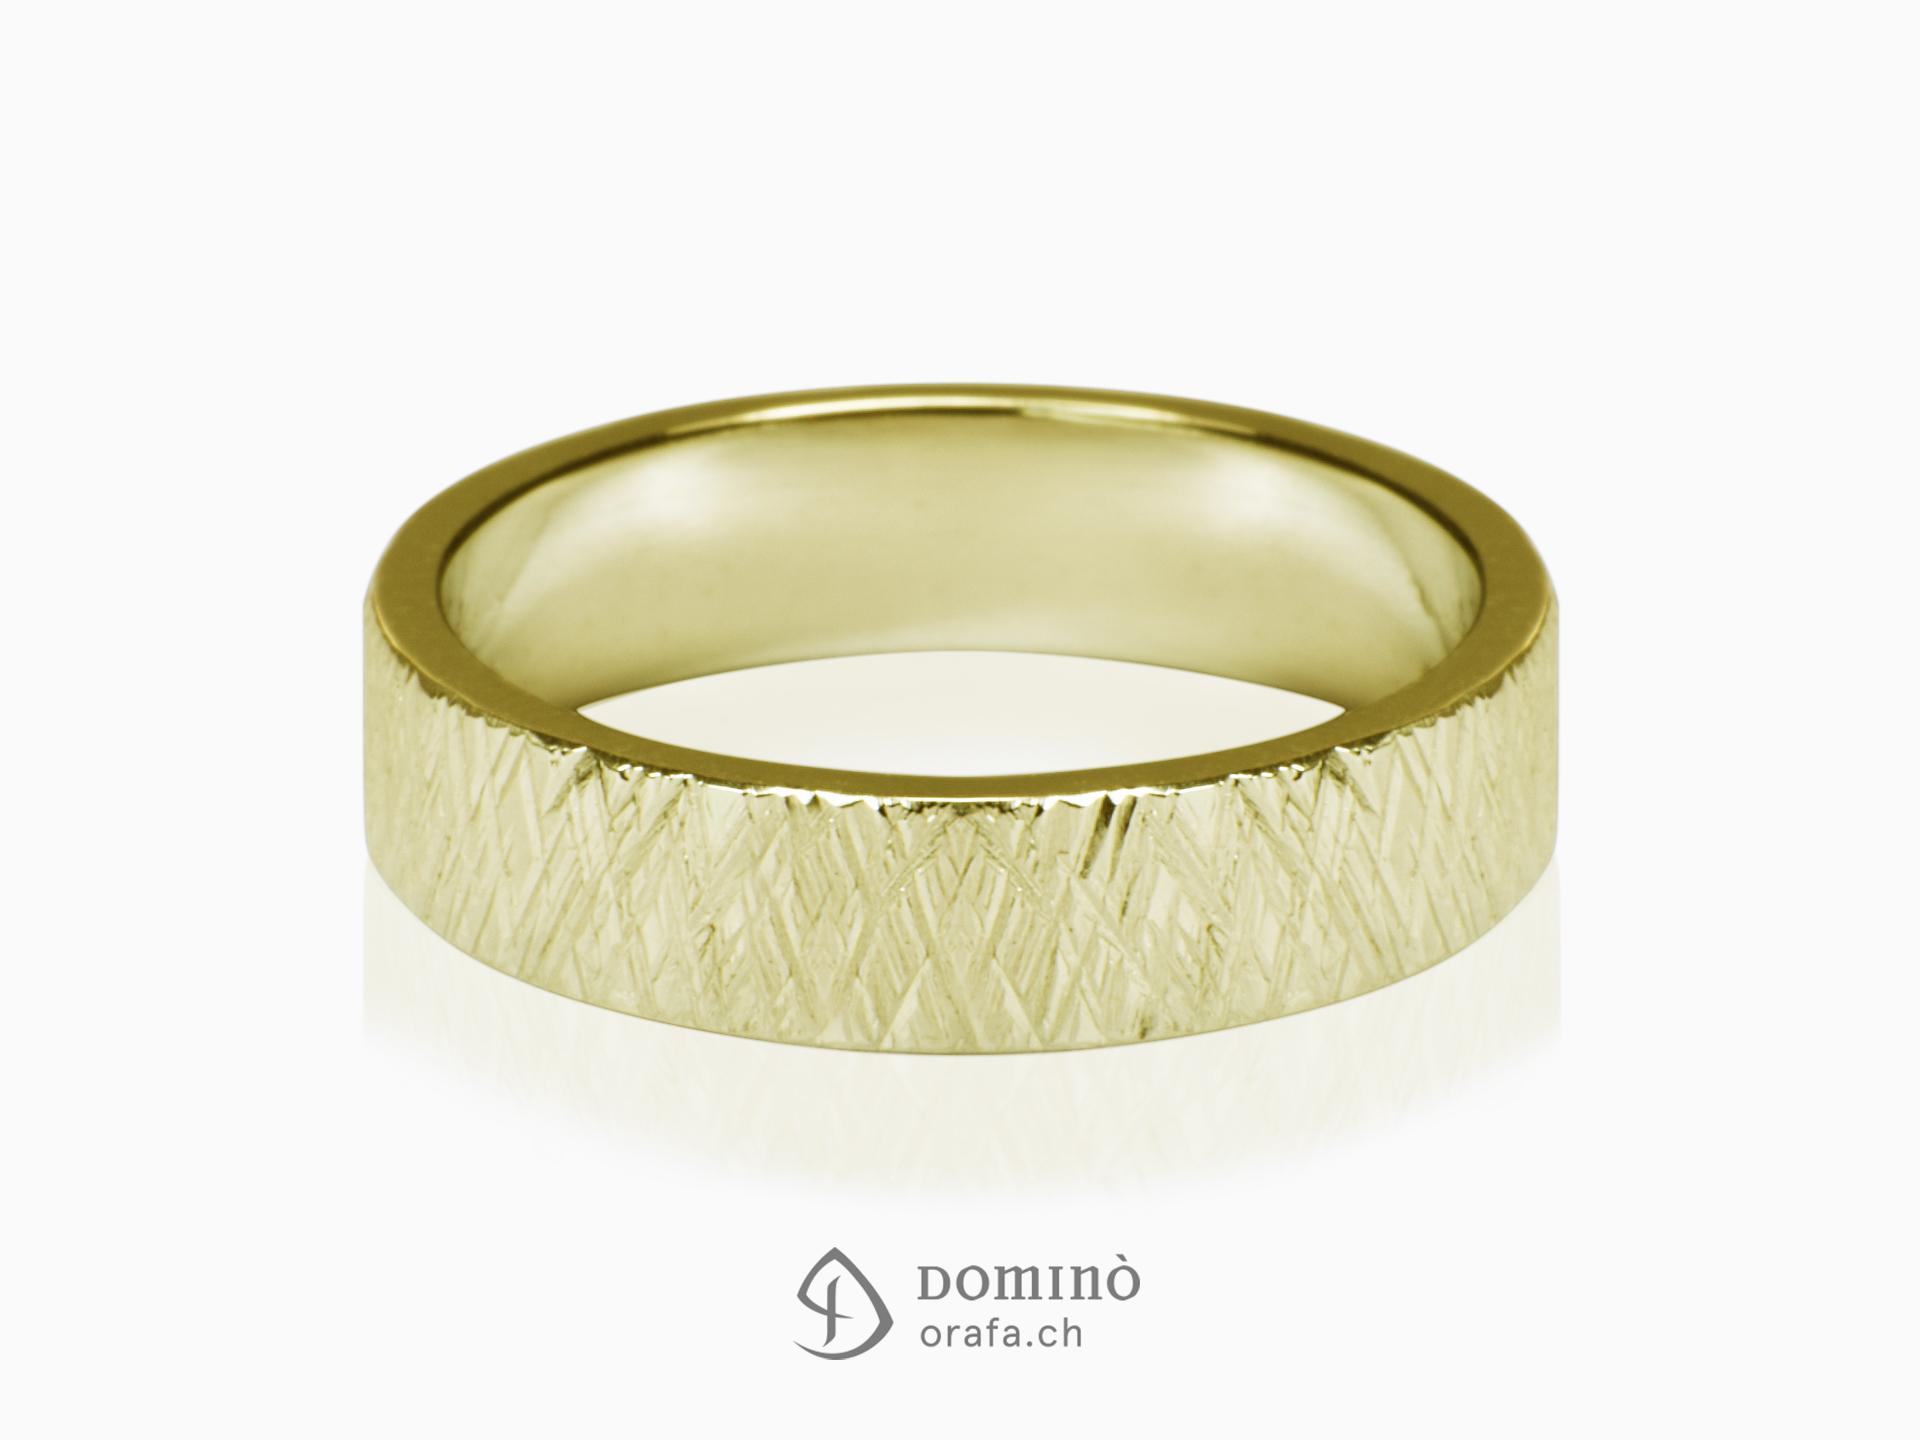 Crossed Linee ring